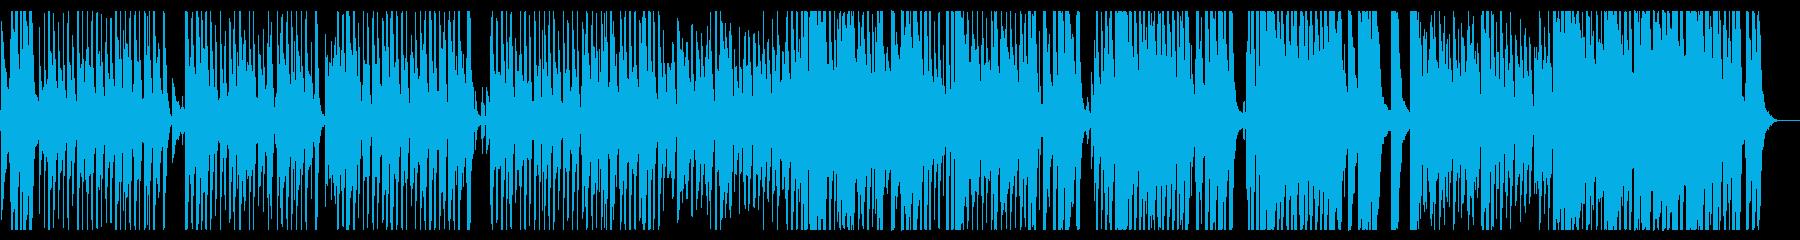 明るく楽しげなゴージャスブラスセクションの再生済みの波形